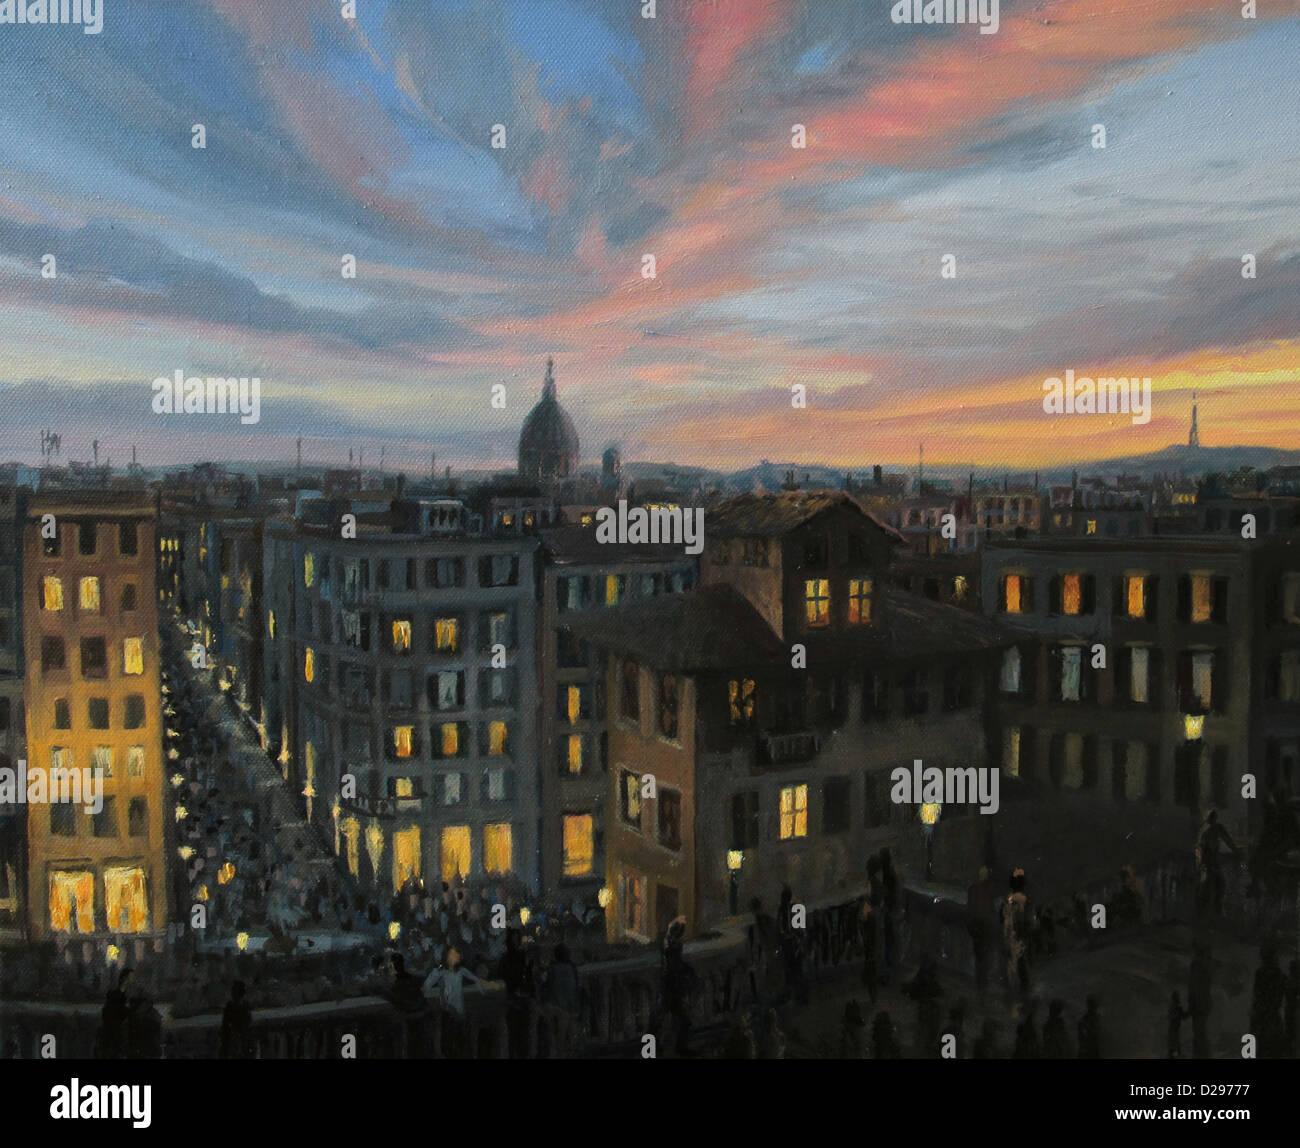 Un óleo sobre lienzo de un colorido atardecer vista panorámica de la capital de Italia, Roma, desde la Imagen De Stock